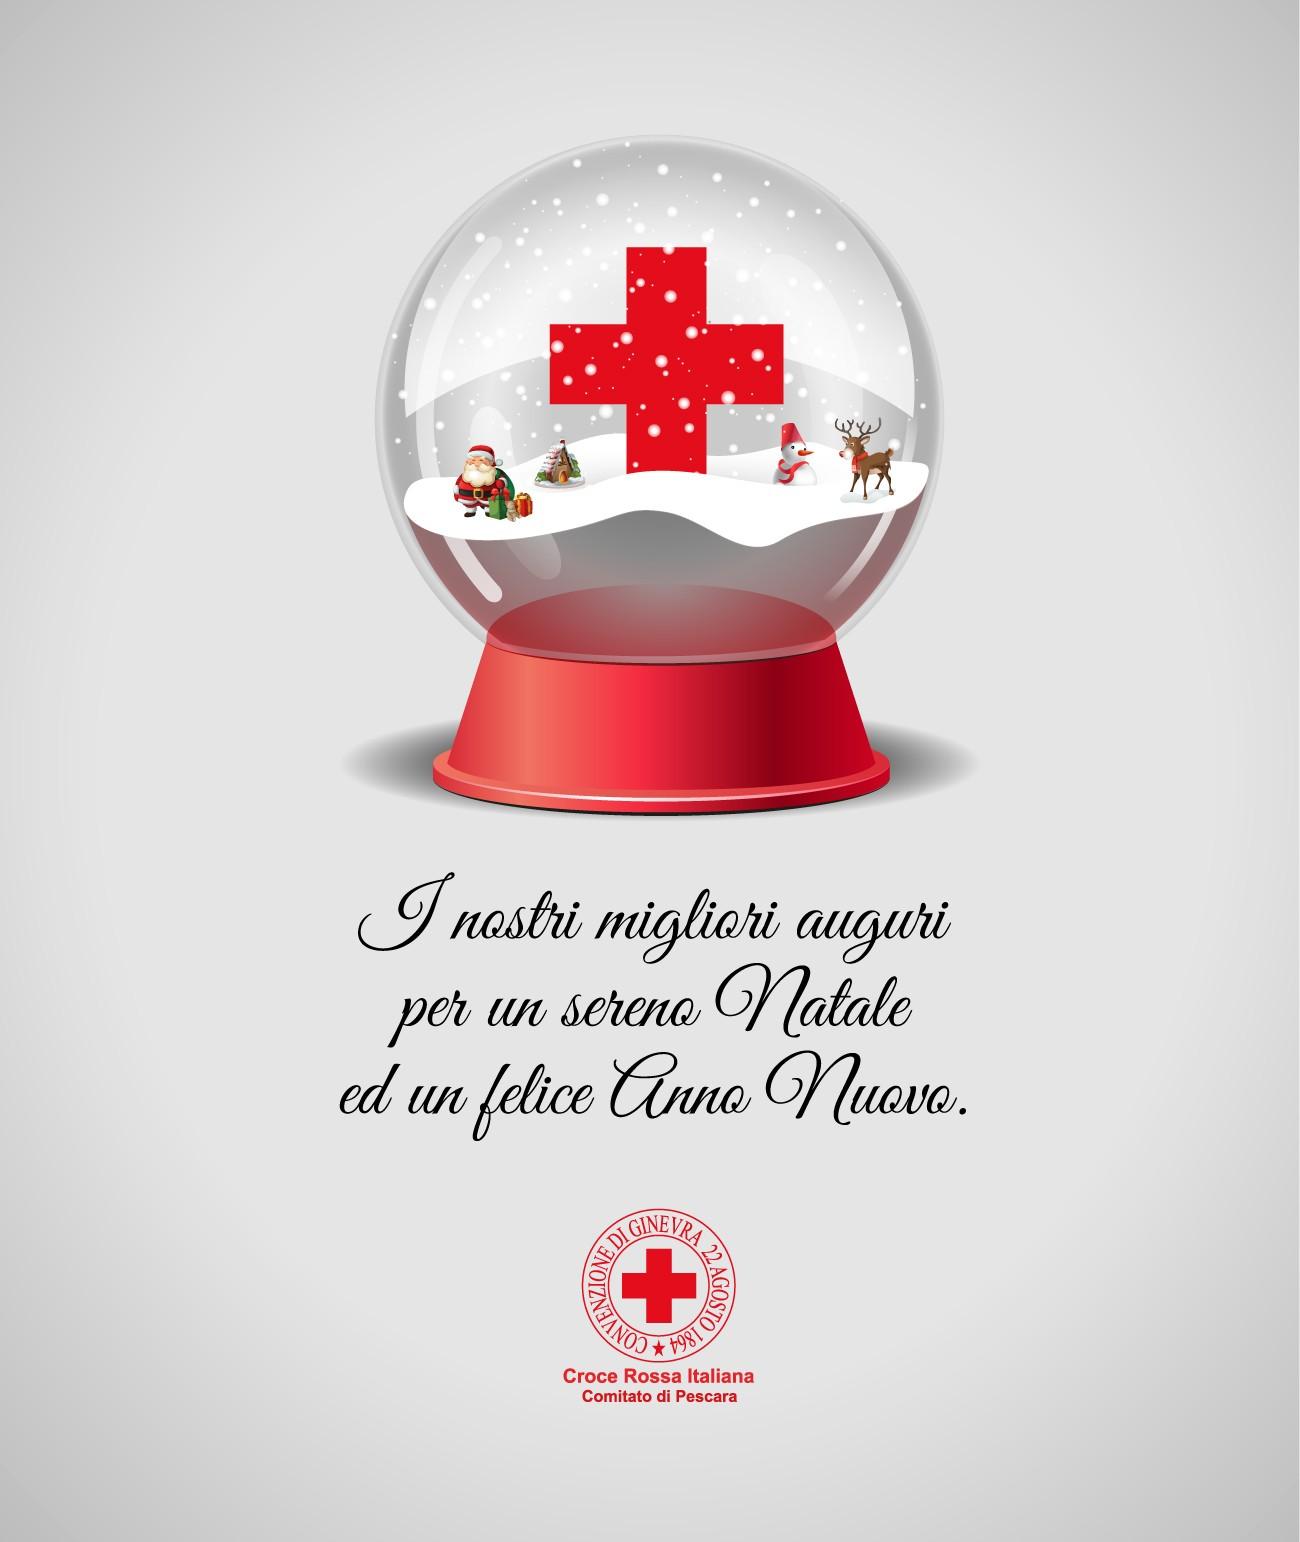 Elicottero Croce Rossa Italiana : Croce rossa italiana comitato locale di pescara